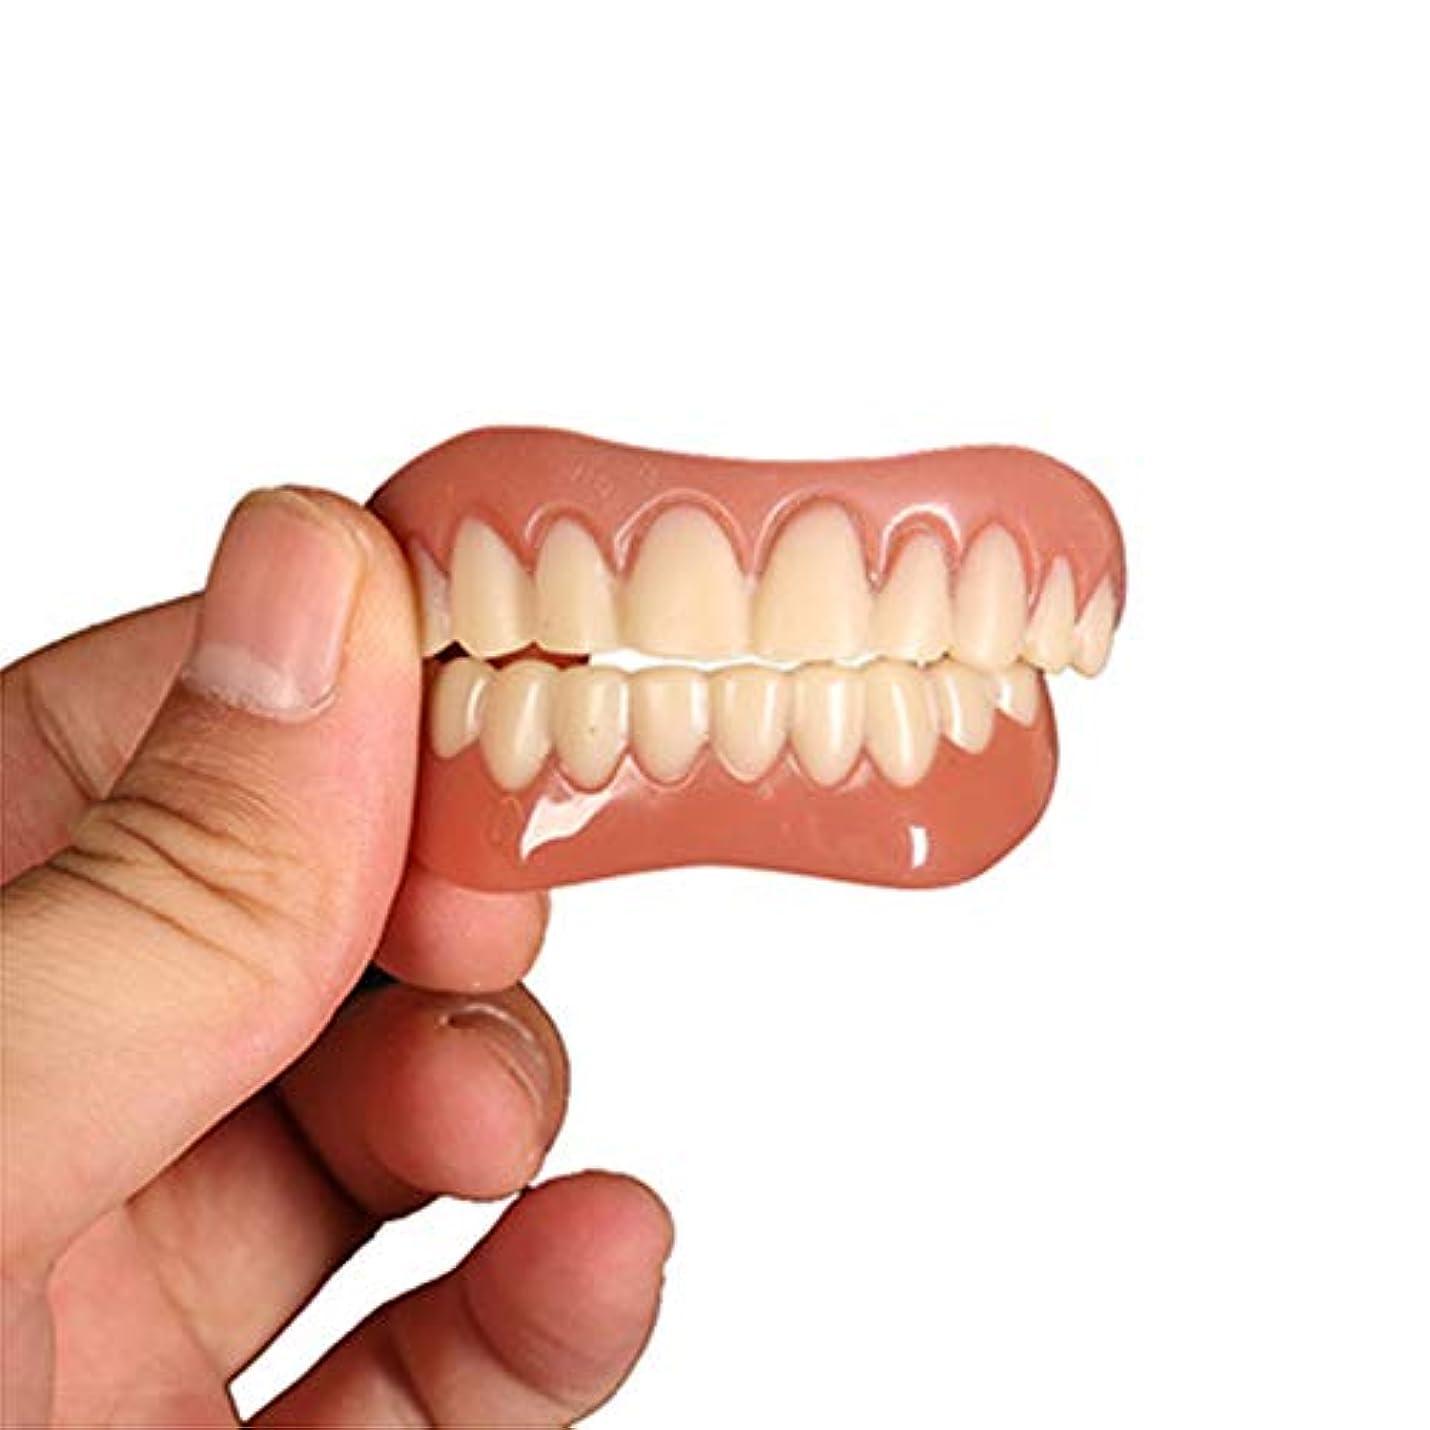 許容準備ができてロケーション8セット、化粧品の歯、白い歯をきれいにするための快適さにフィットするフレックス歯のソケット、化粧品の歯義歯の歯のトップ化粧品、